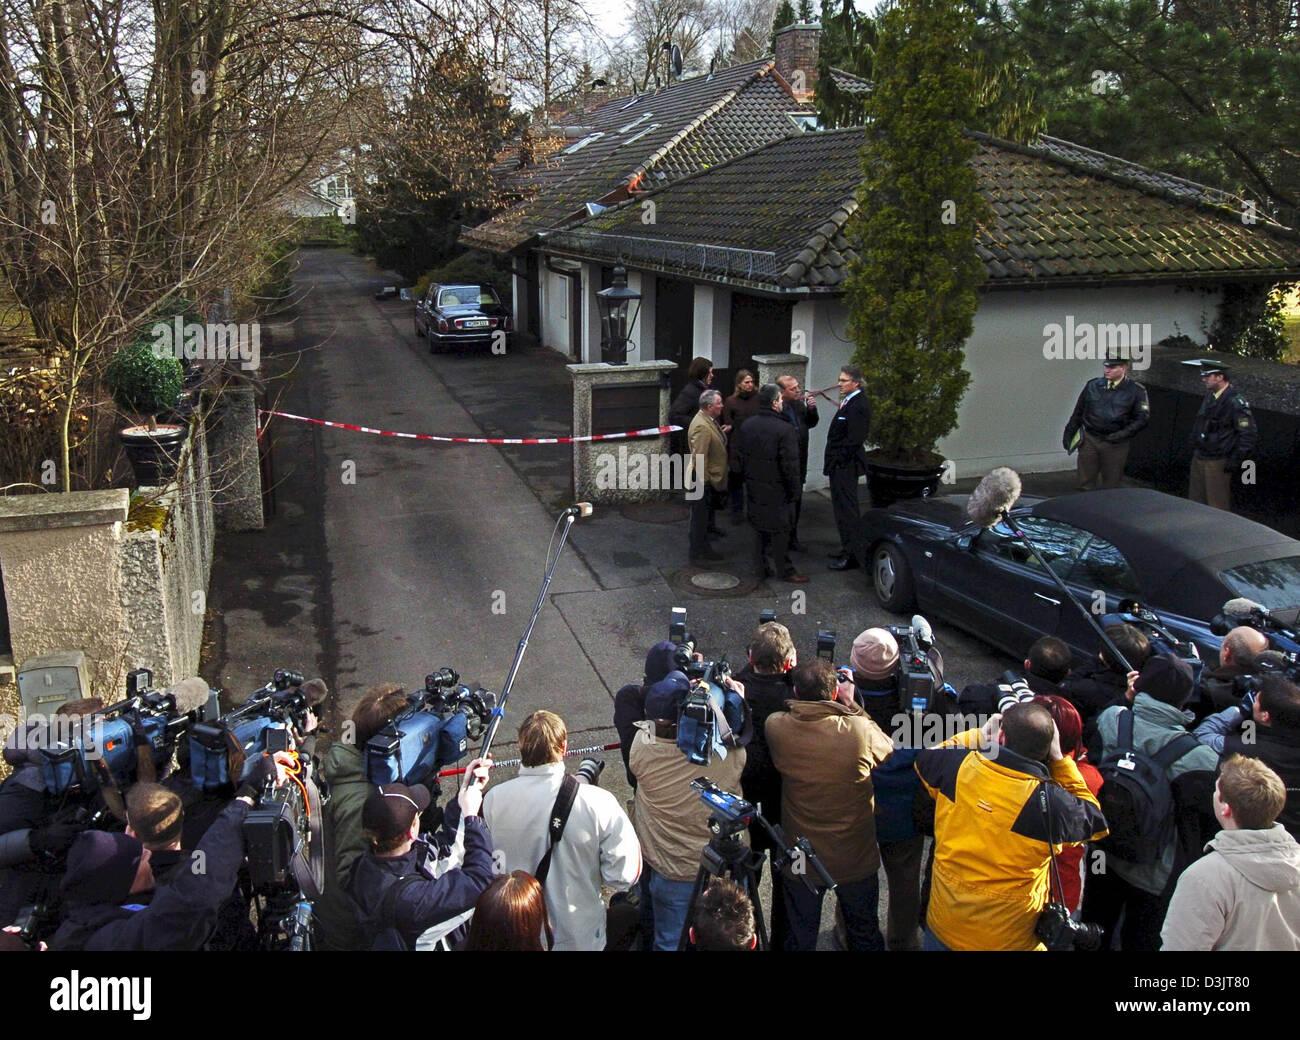 (Dpa) - Numerosi giornalisti attendere di fronte al palazzo del fashion designer Rudolph Moshammer che è stato Immagini Stock